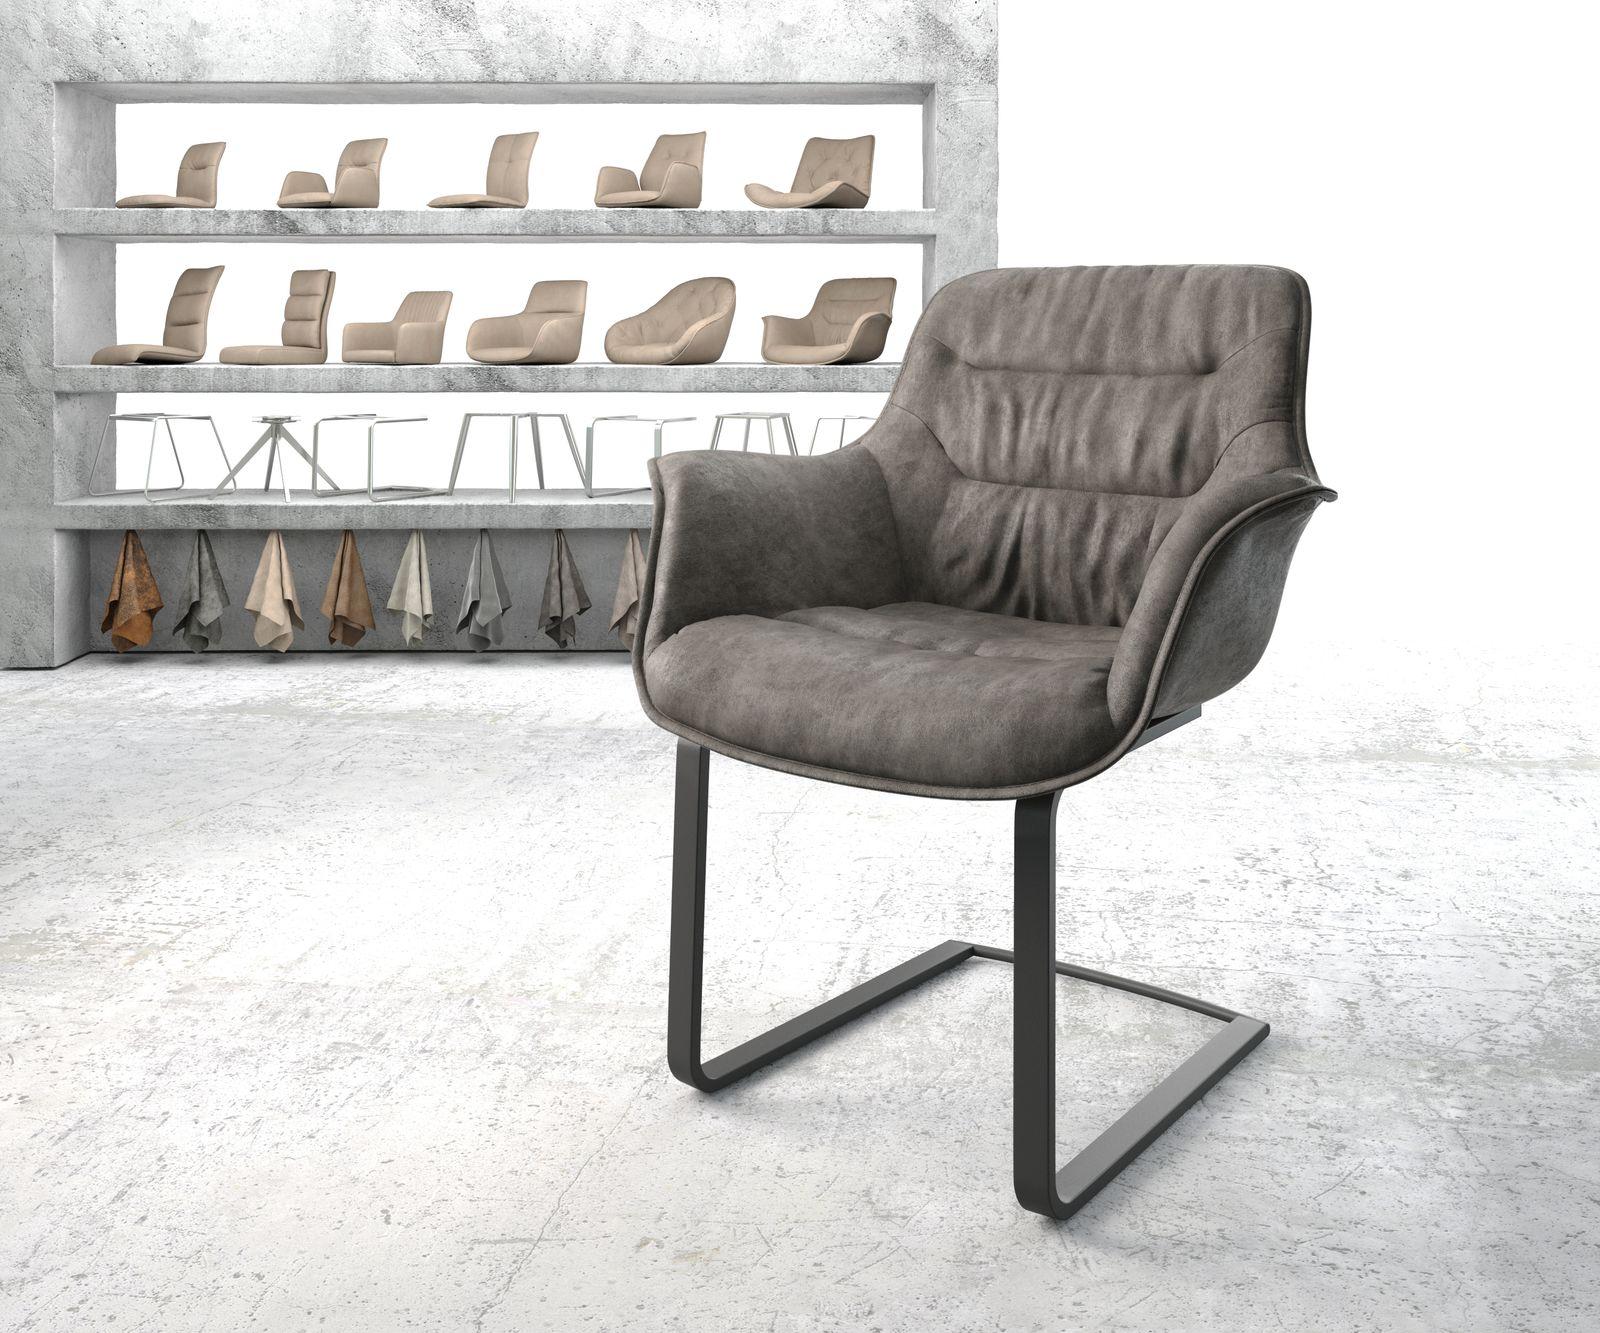 delife-armlehnstuhl-kaira-flex-anthrazit-vintage-freischwinger-flach-schwarz-esszimmerstuhle